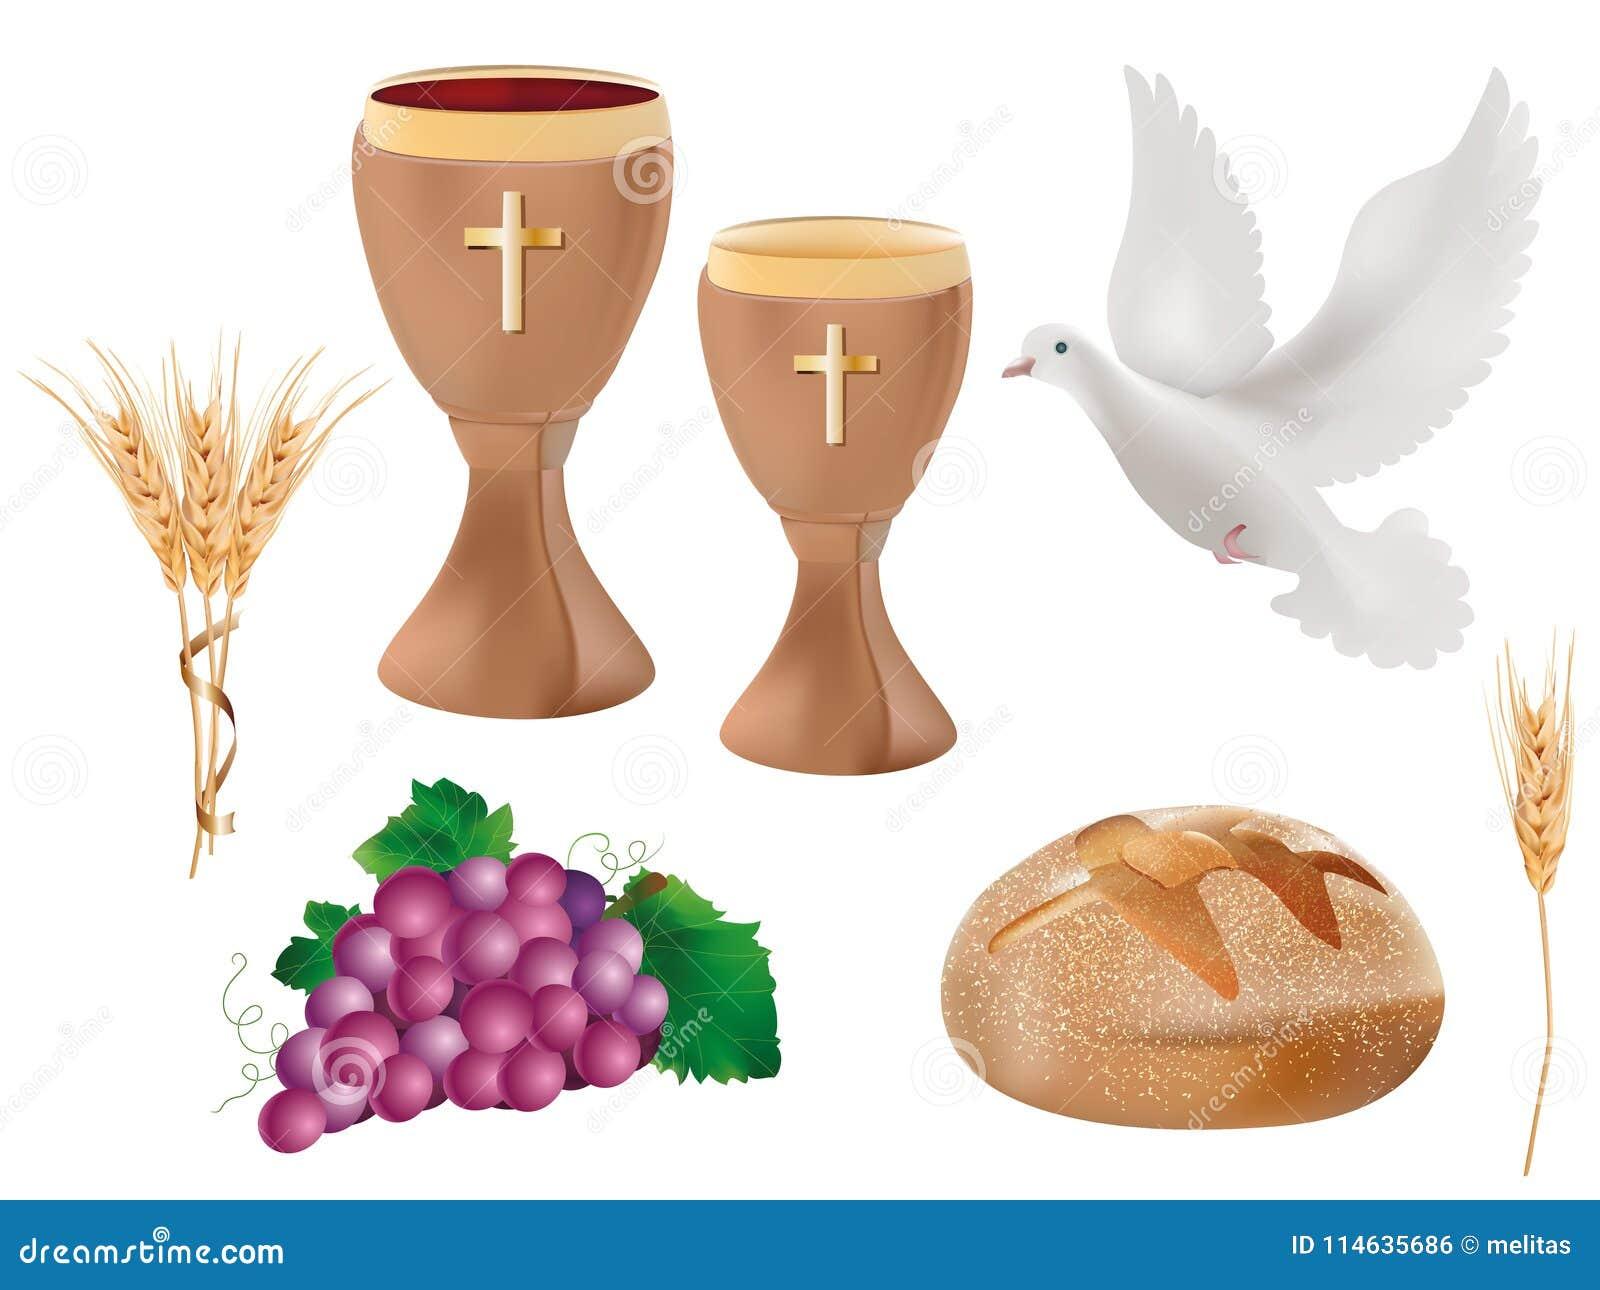 Simboli cristiani isolati realistici dell illustrazione 3d: calice di legno con vino, colomba, uva, pane, orecchio di grano